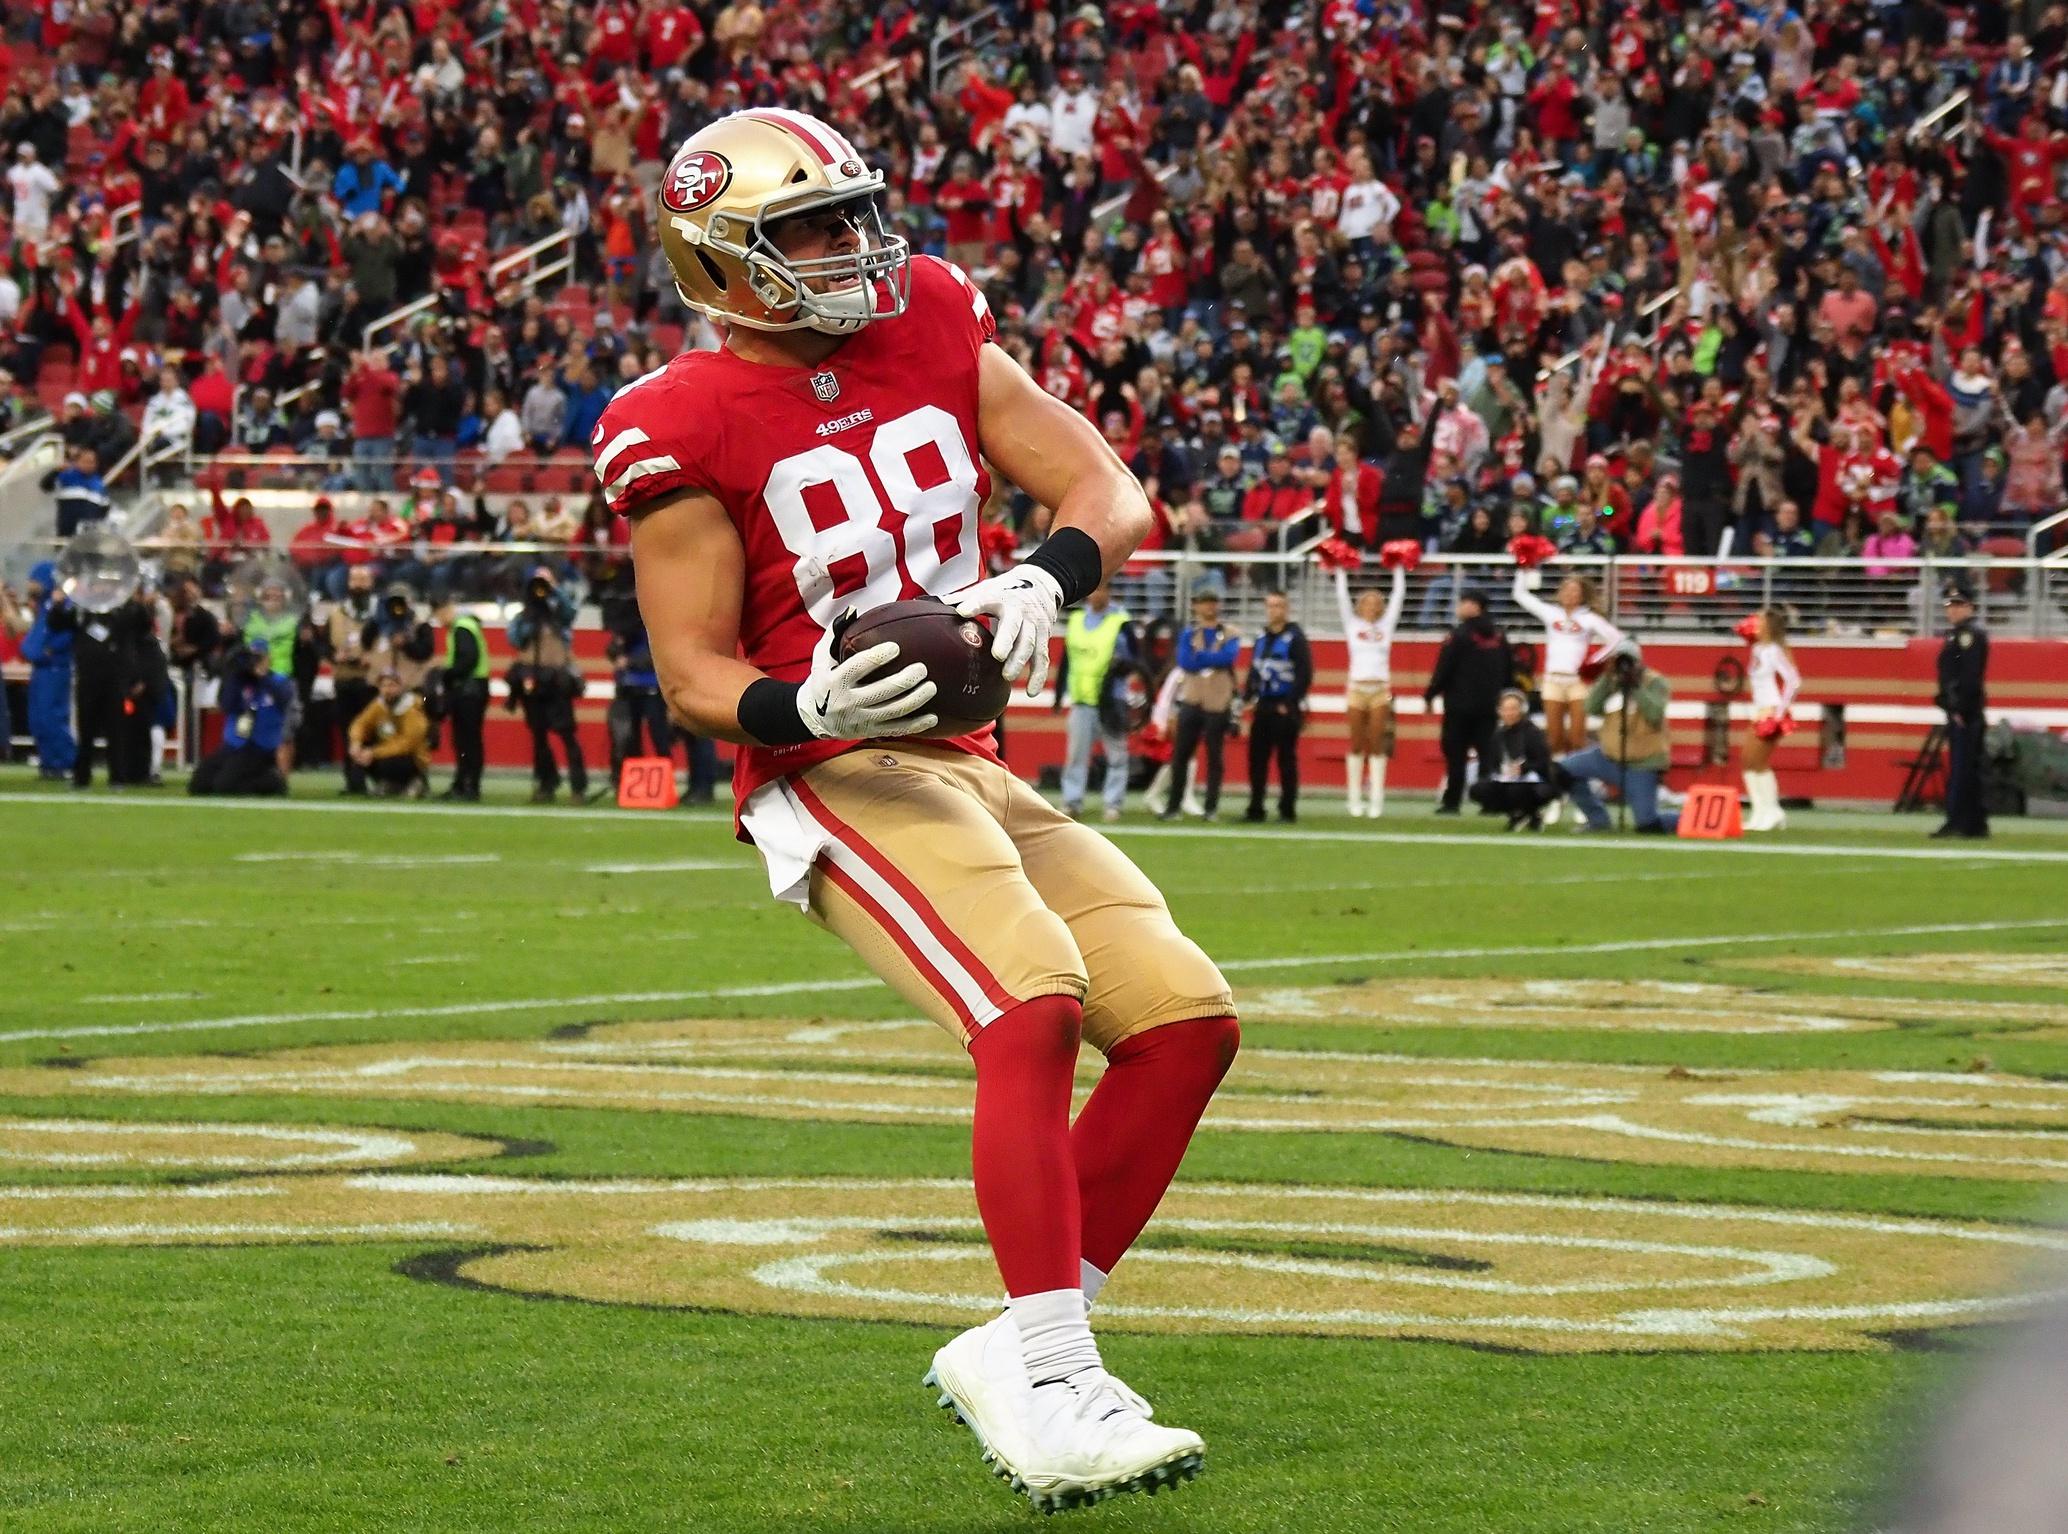 Refocused, NFL Week 15: San Francisco 49ers 26, Seattle Seahawks 23